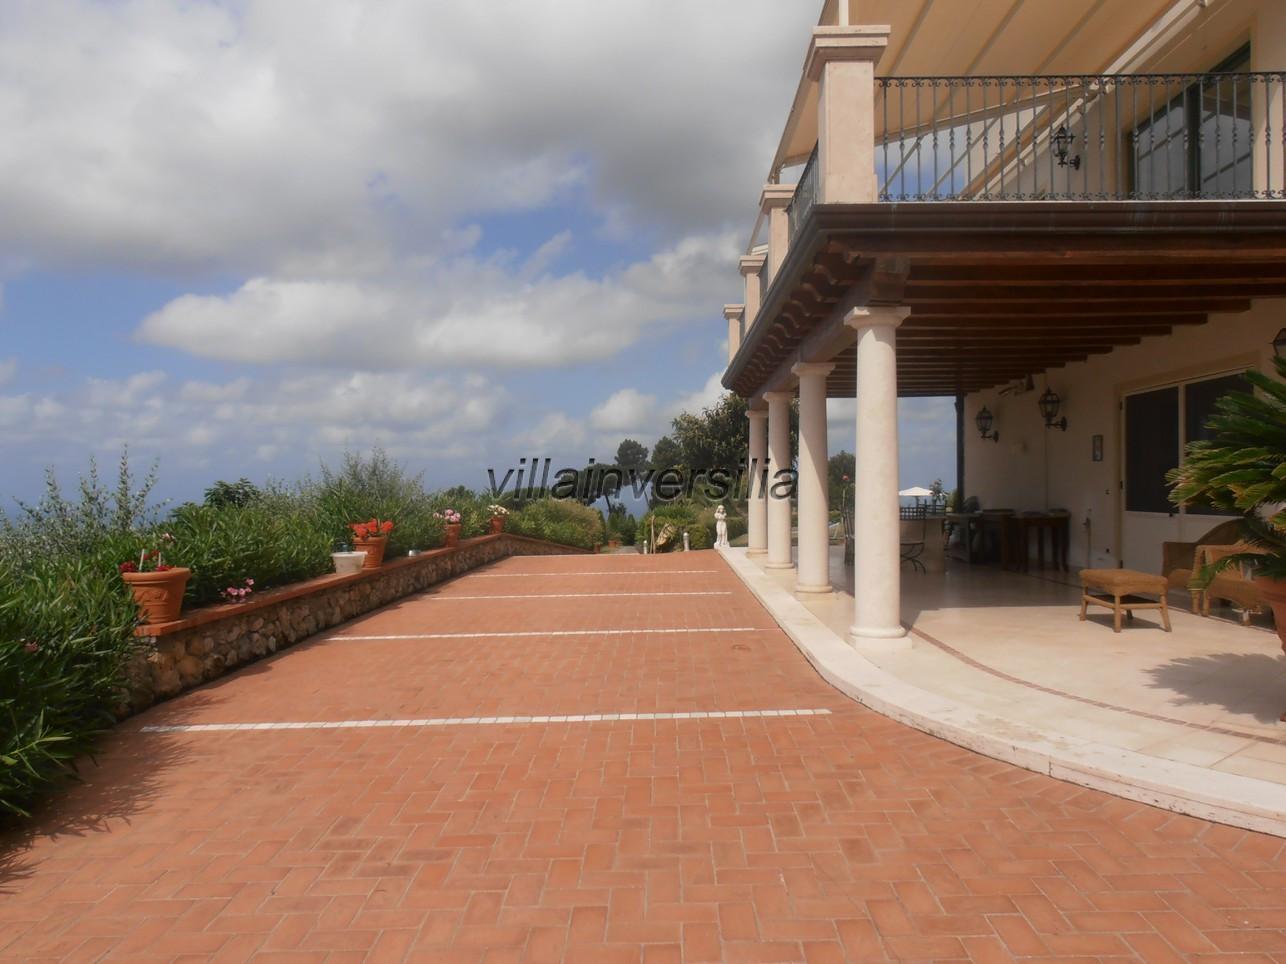 Foto 5/21 per rif. V 322021 villa piscina Versilia